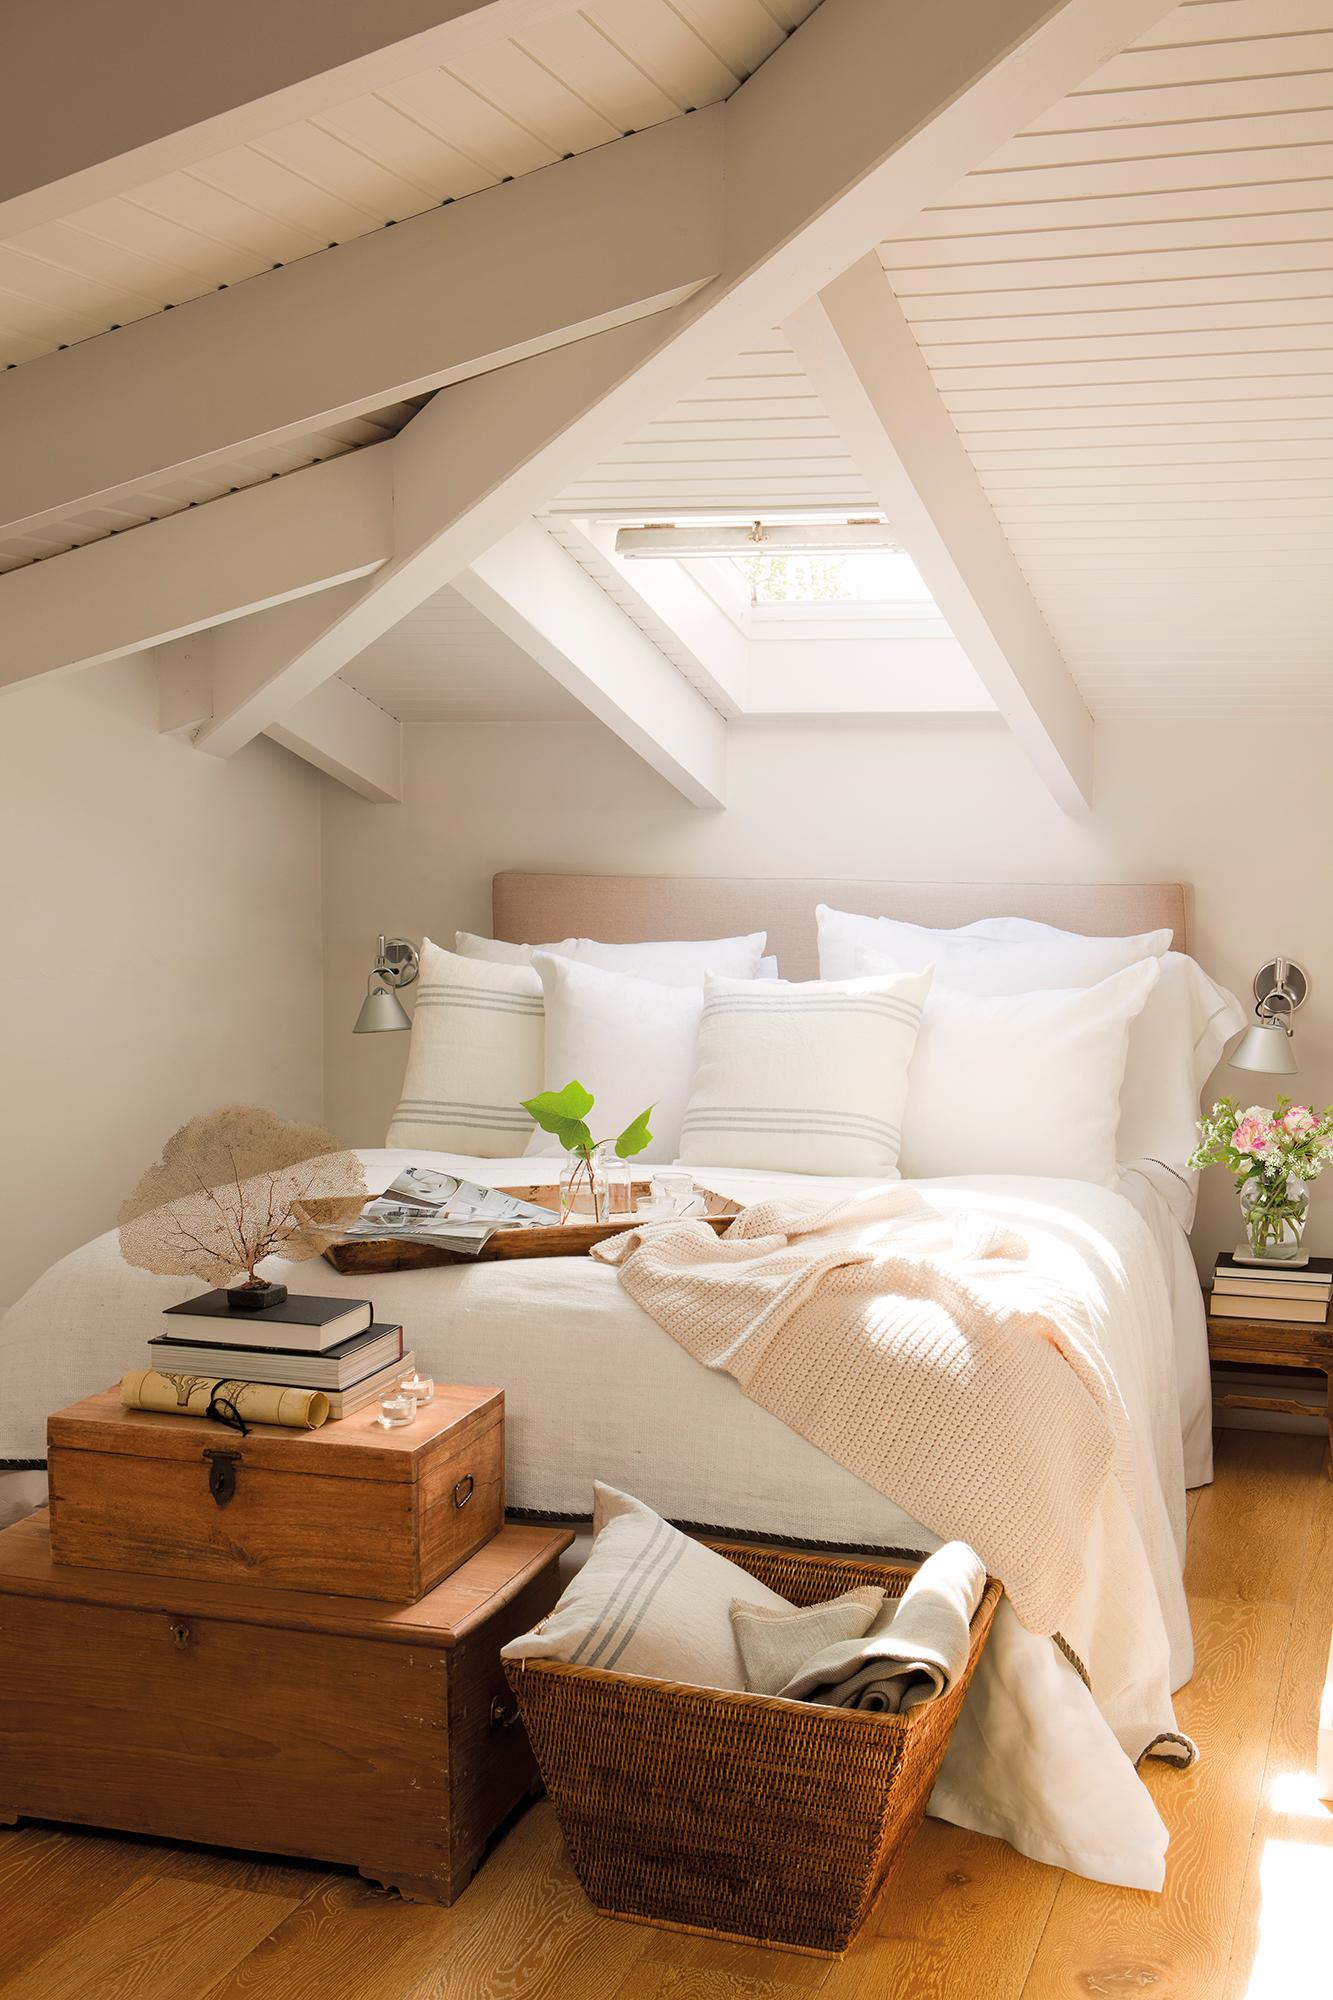 Dormitorio Abuhardillado En Blanco Con Baúles A Pie De Cama_ 00383640